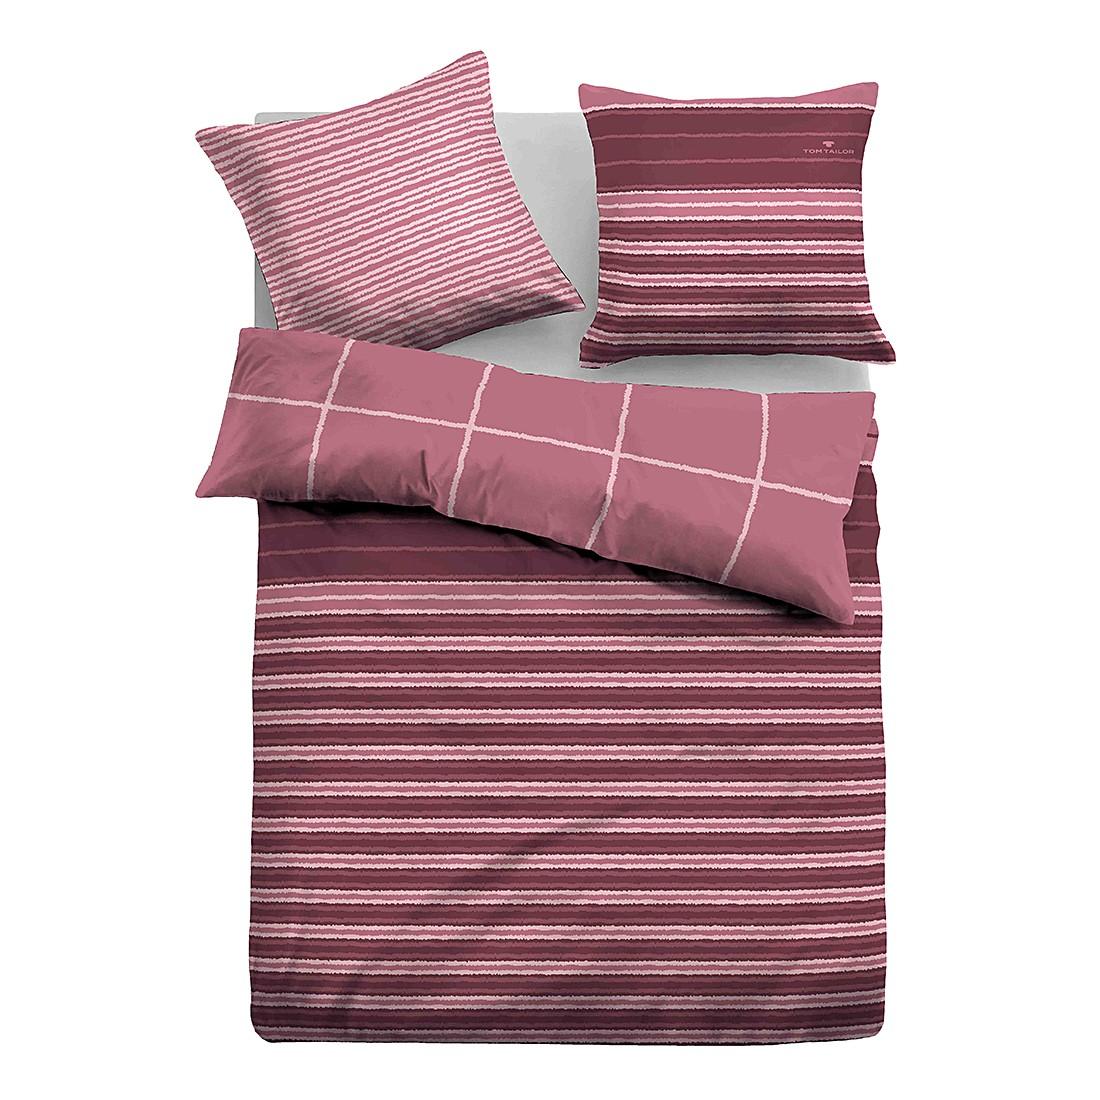 preisvergleich eu linie 155 online. Black Bedroom Furniture Sets. Home Design Ideas